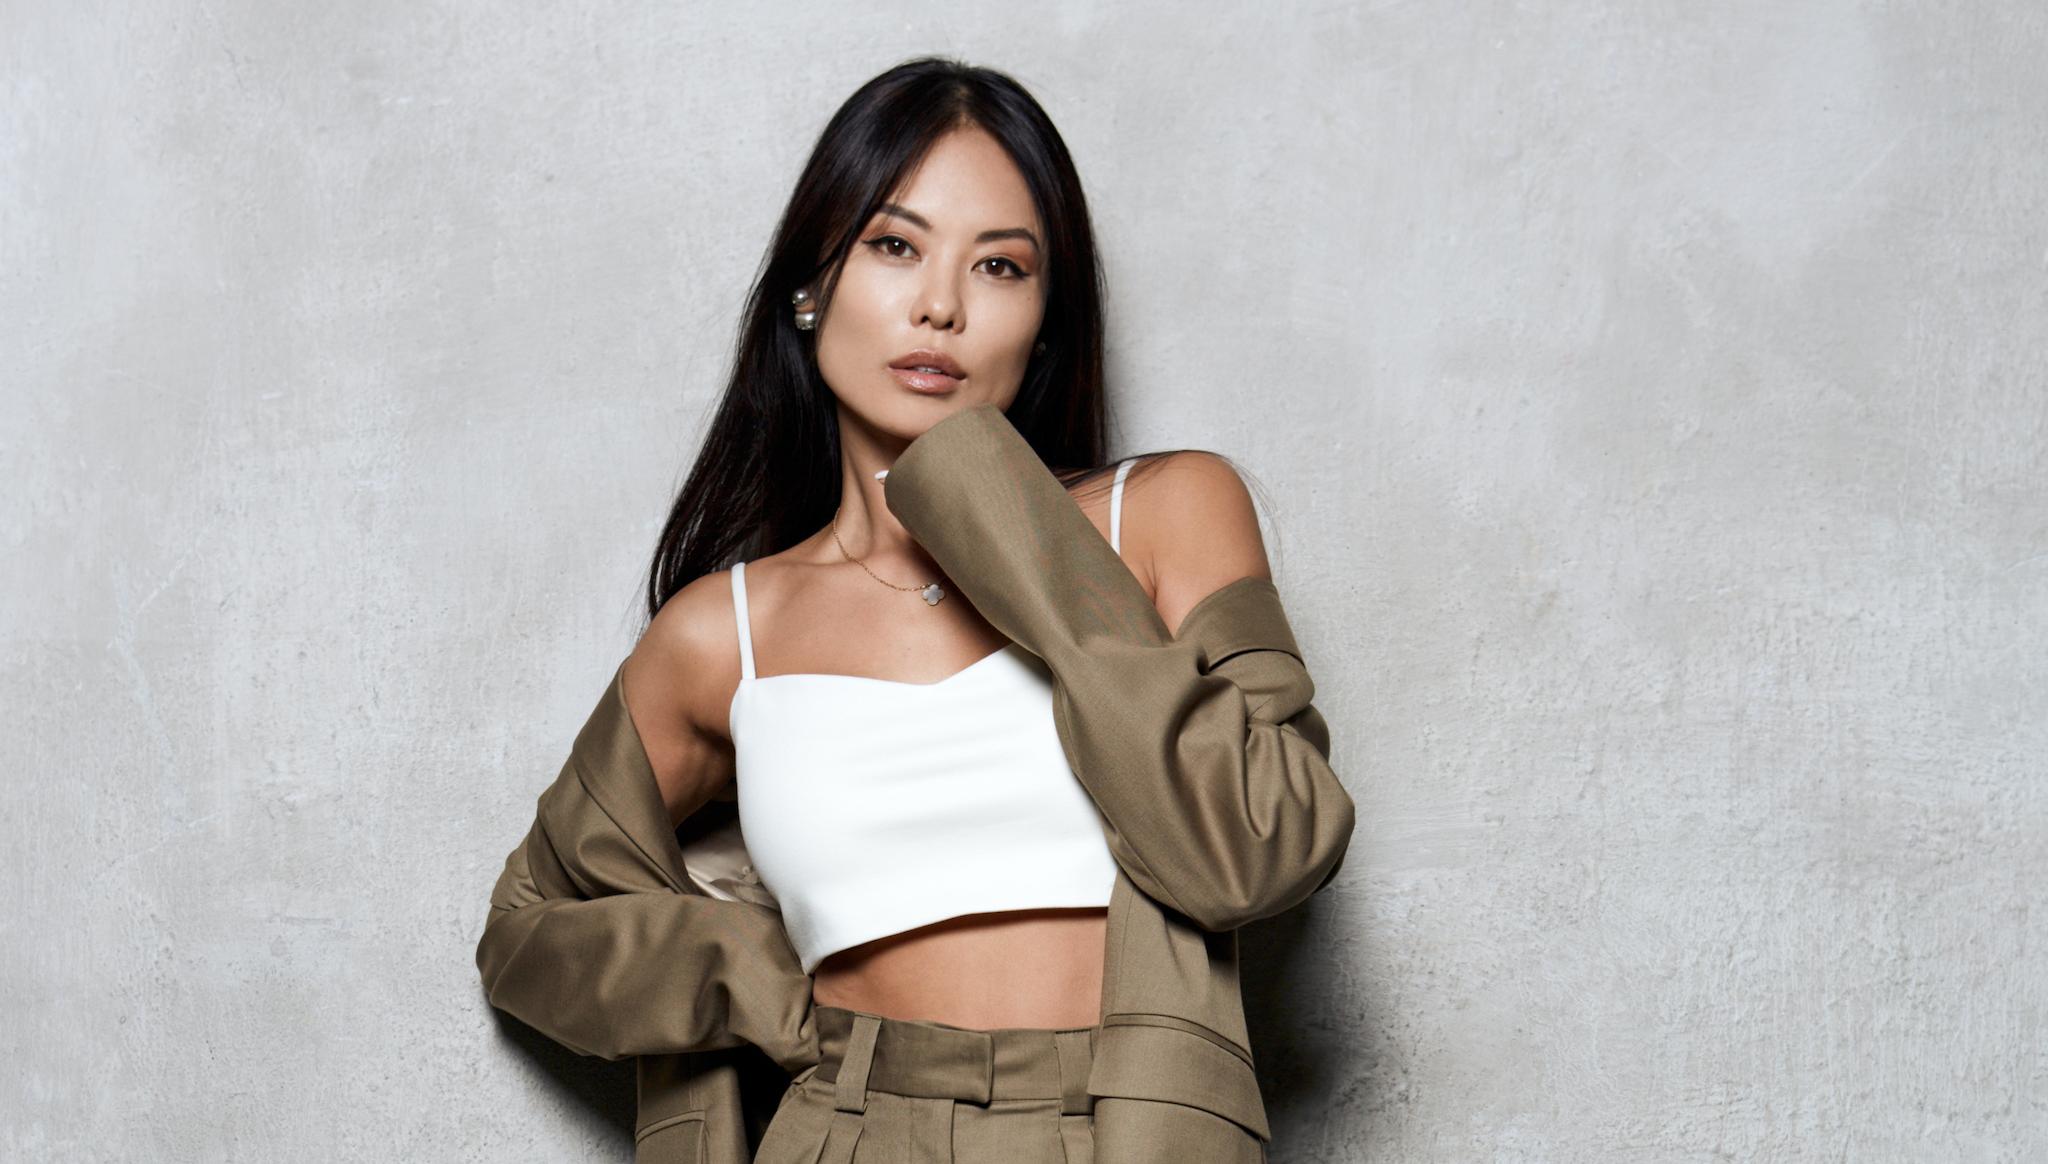 Эксклюзив : основатель магазина корейской косметики Superskin Светлана Ким о том, как нужно очищать лицо, чтобы не ходить к косметологу